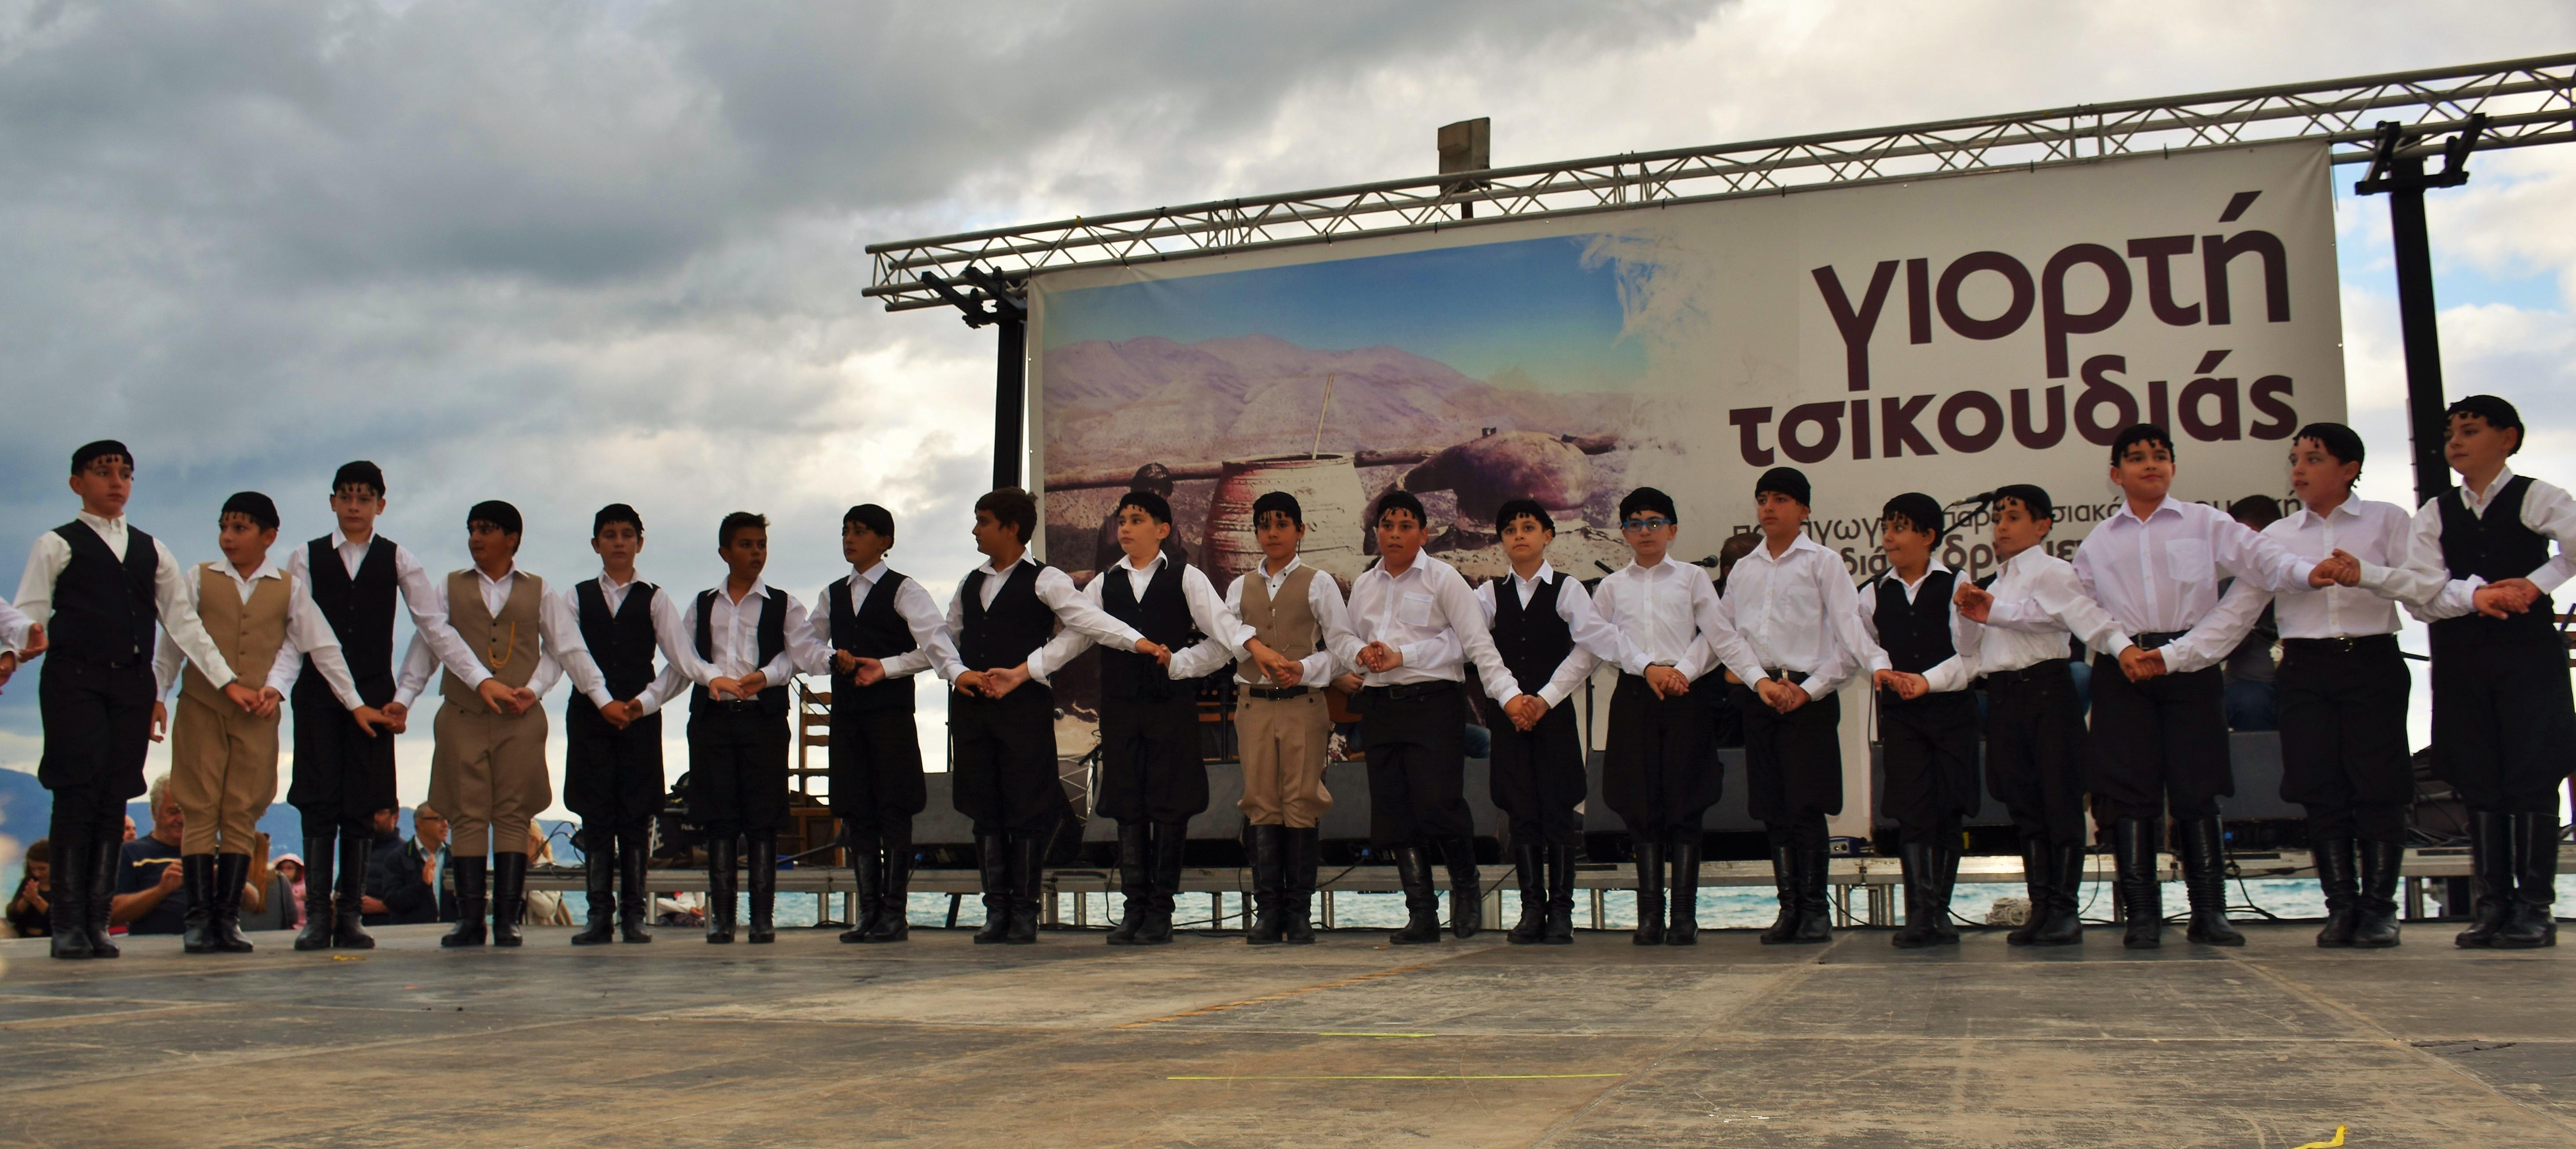 7η Γιορτή Tσικουδιάς στον Καράβολα